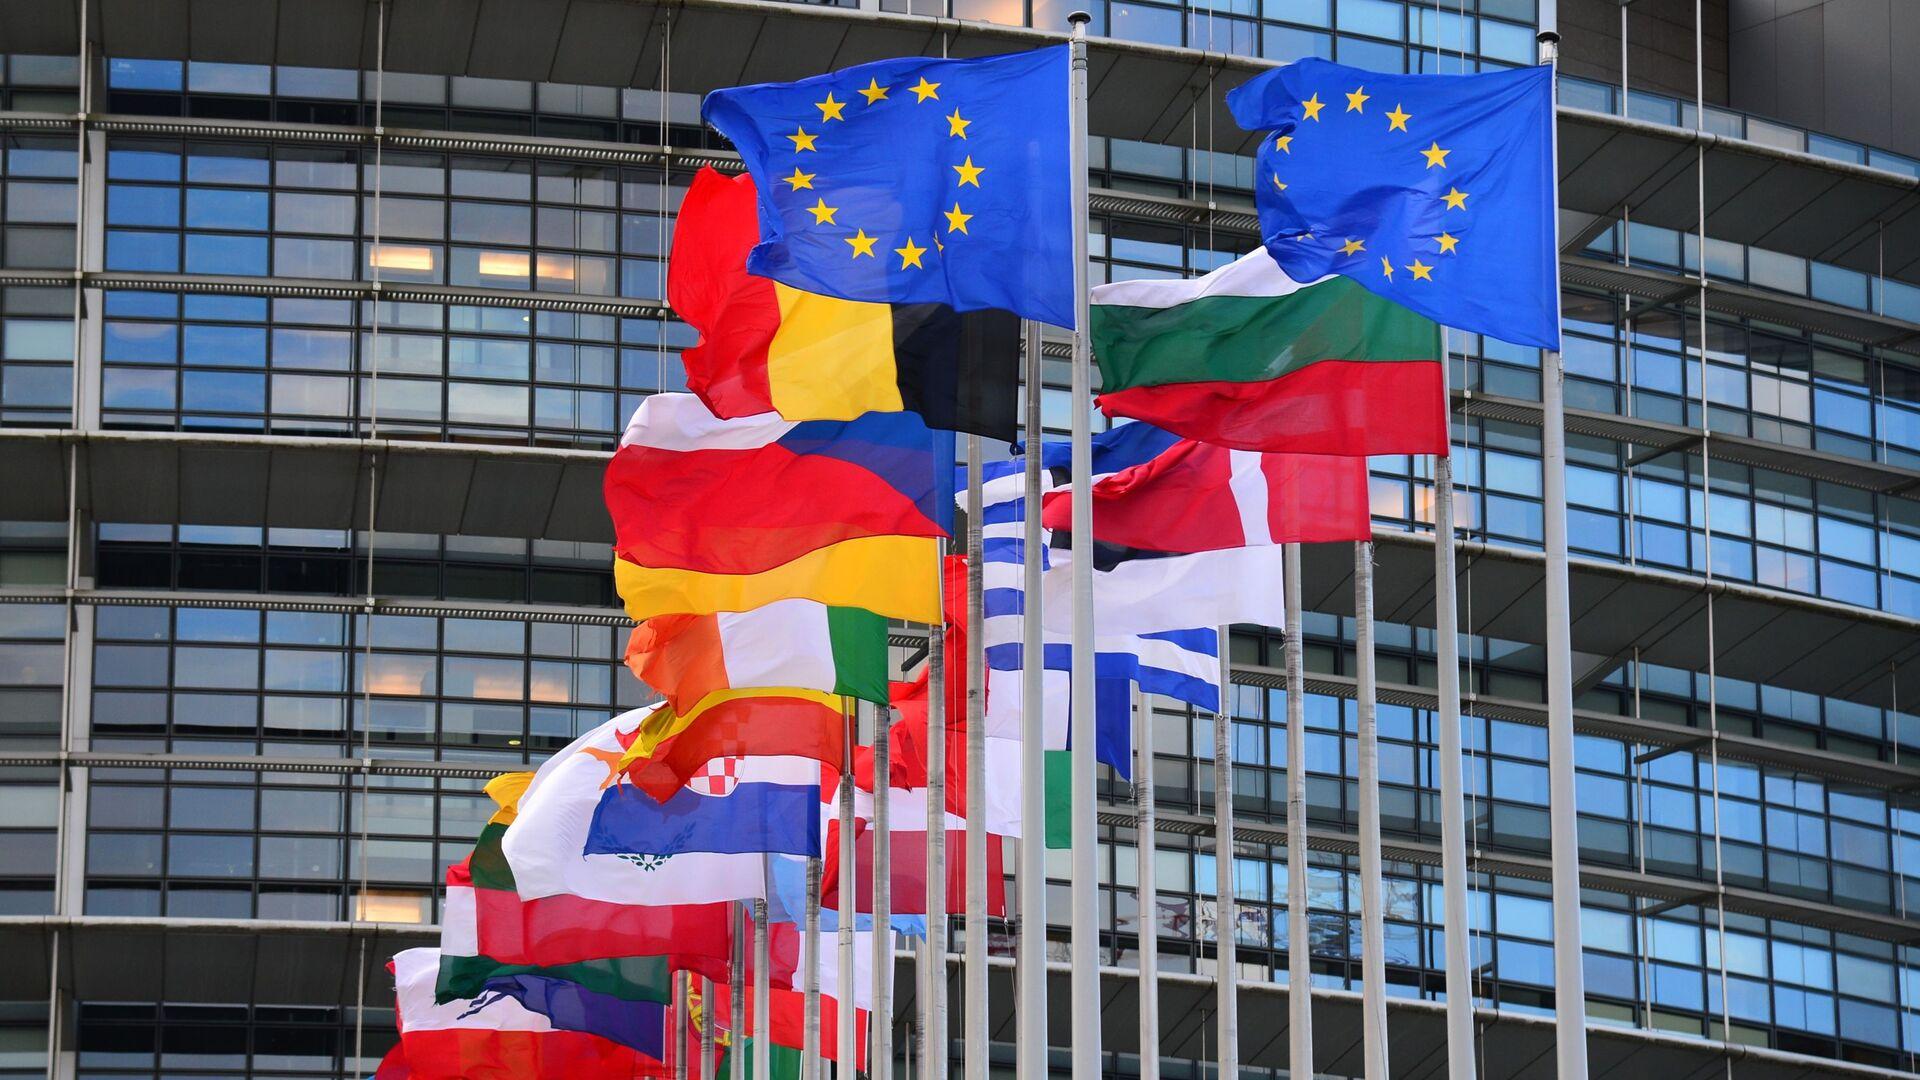 Vlajky členských zemí EU před budovou Rady Evropy v Štrasburku - Sputnik Česká republika, 1920, 21.08.2021